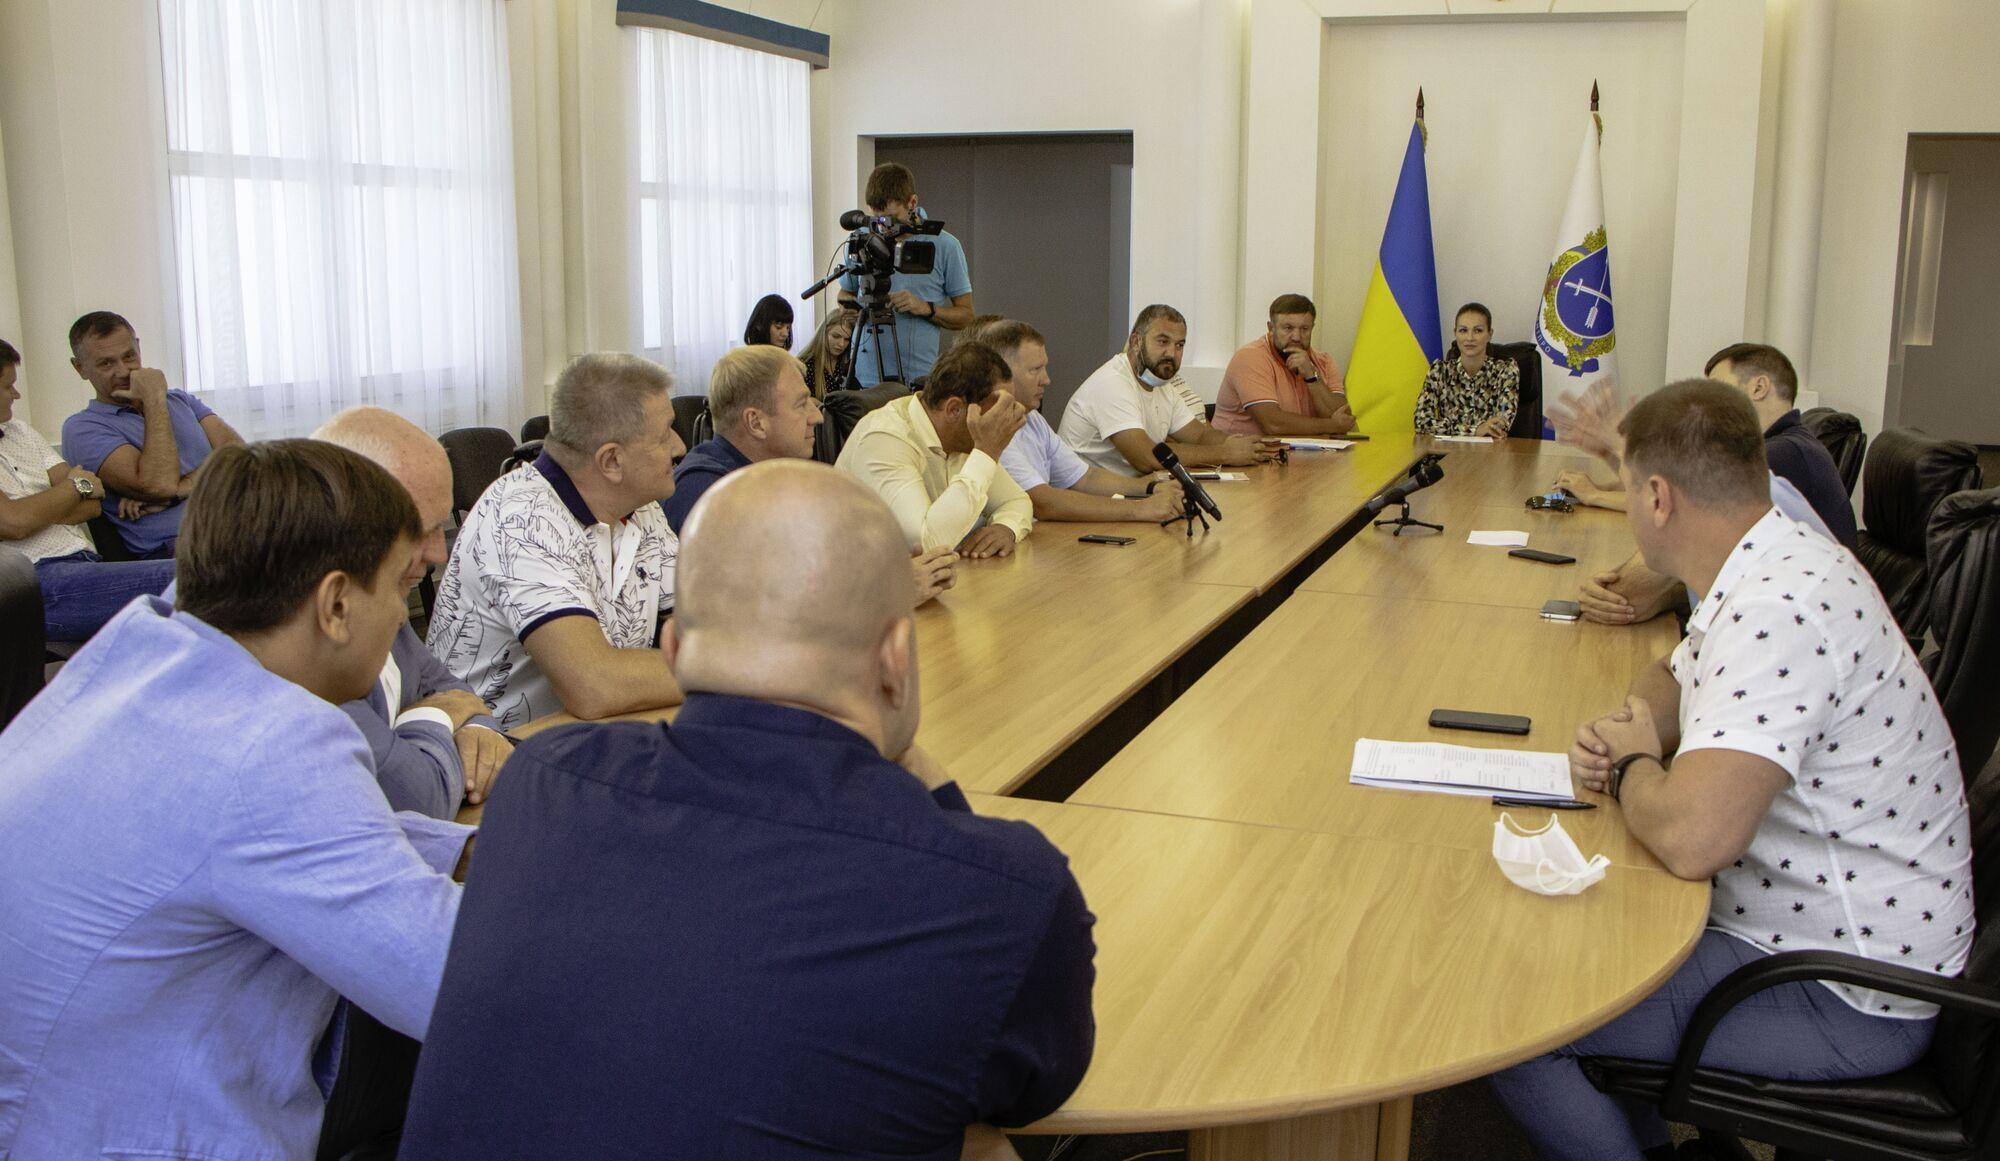 На заседании депутаты обсудили вопросы благоустройства города